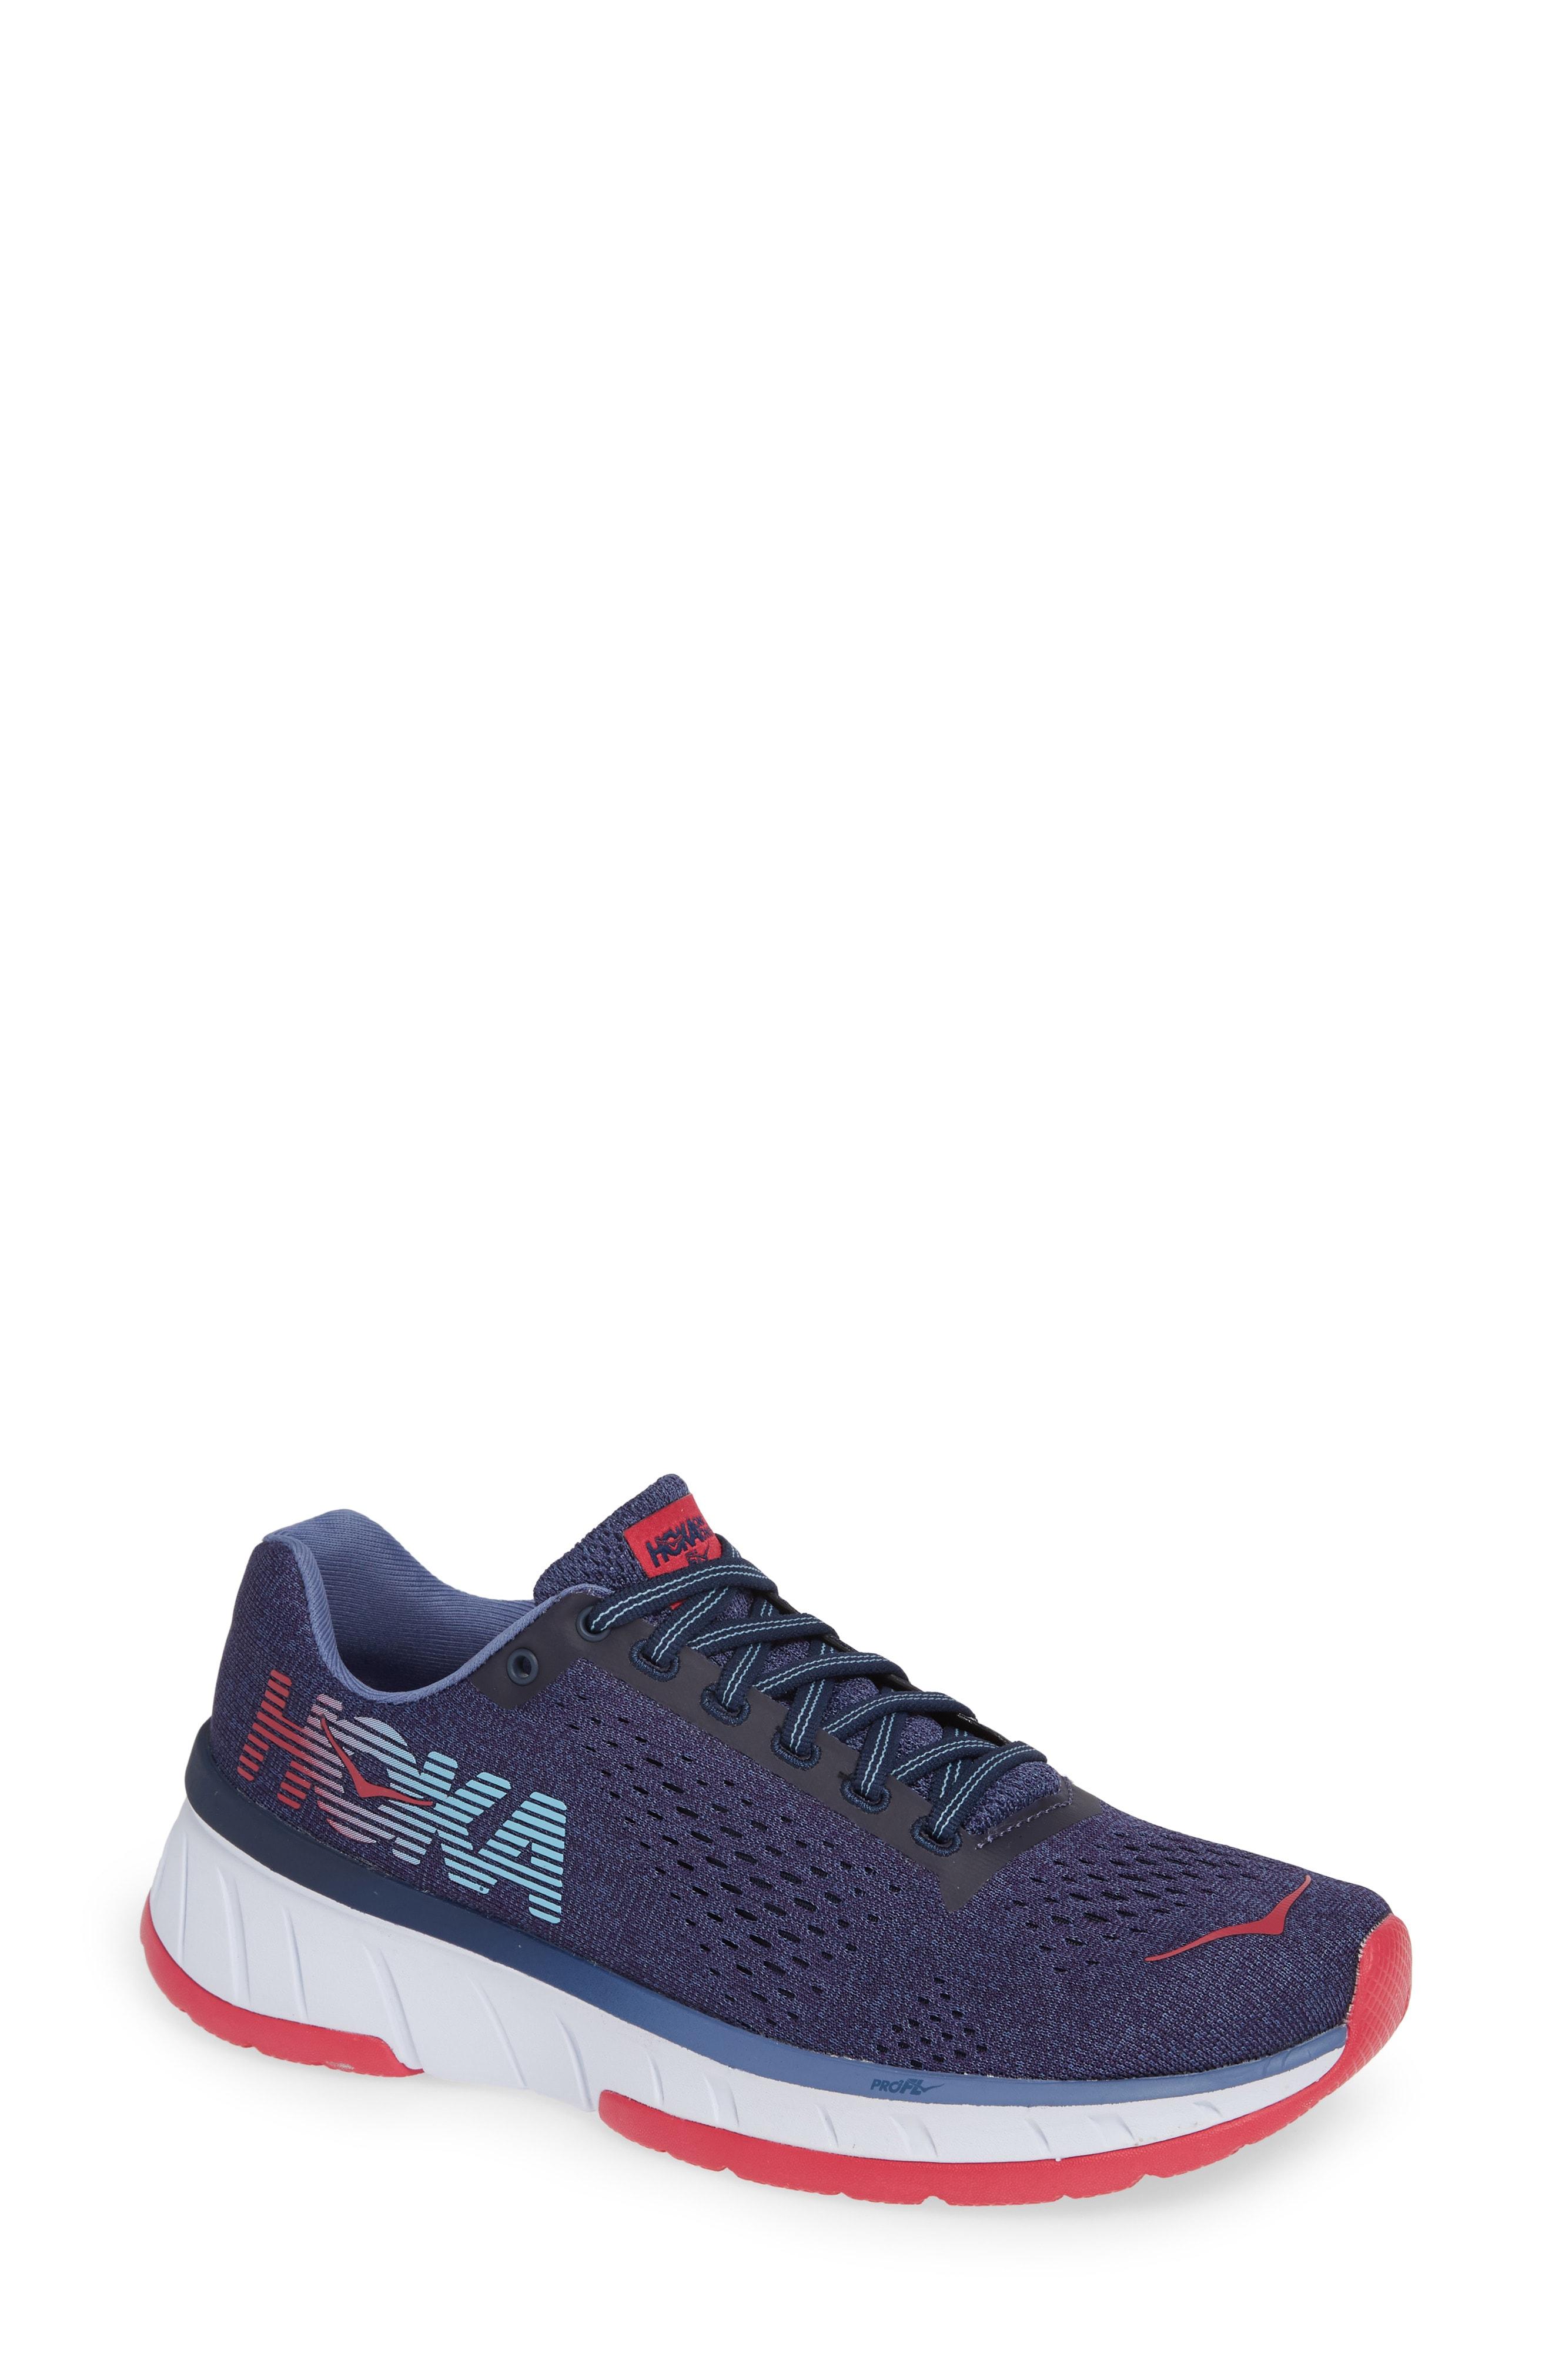 HOKA ONE ONE Cavu Running Shoe (Women)